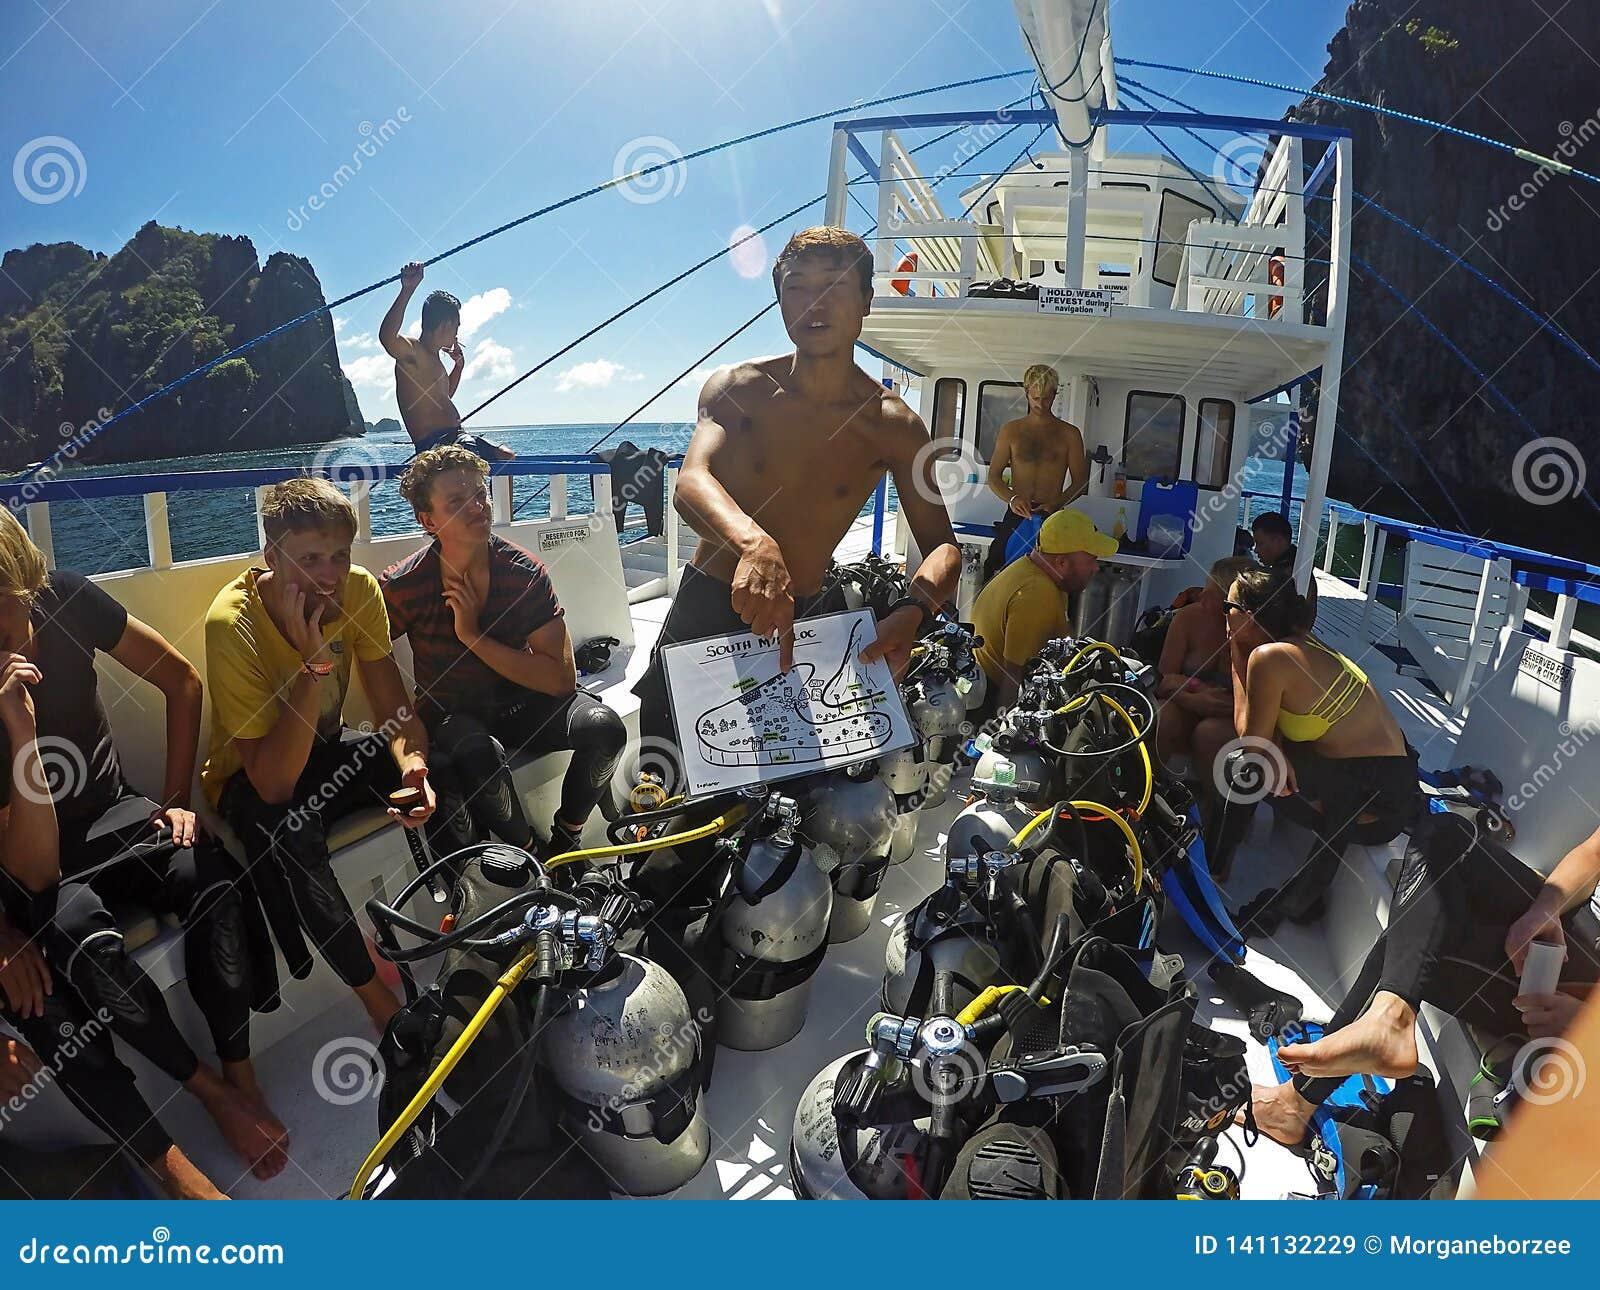 Asiatisk dykinstruktör som ger en dykförhandsmöte till en grupp av turister